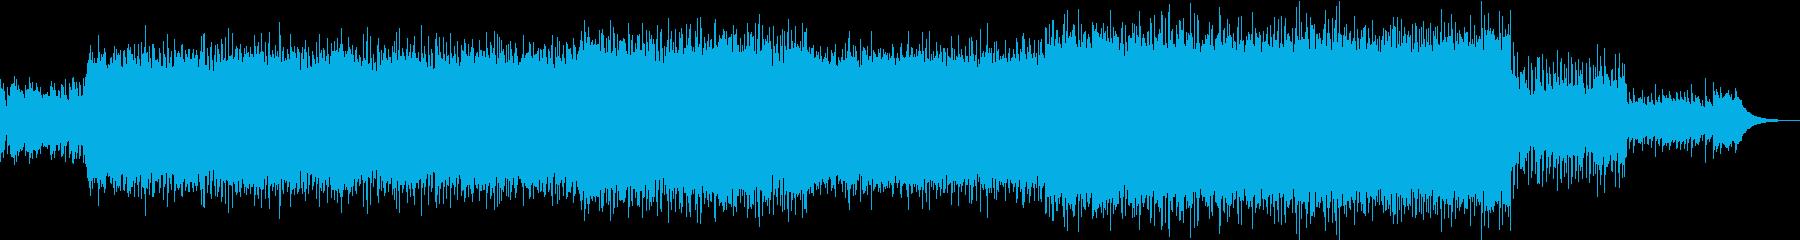 スローなパワーポップの再生済みの波形